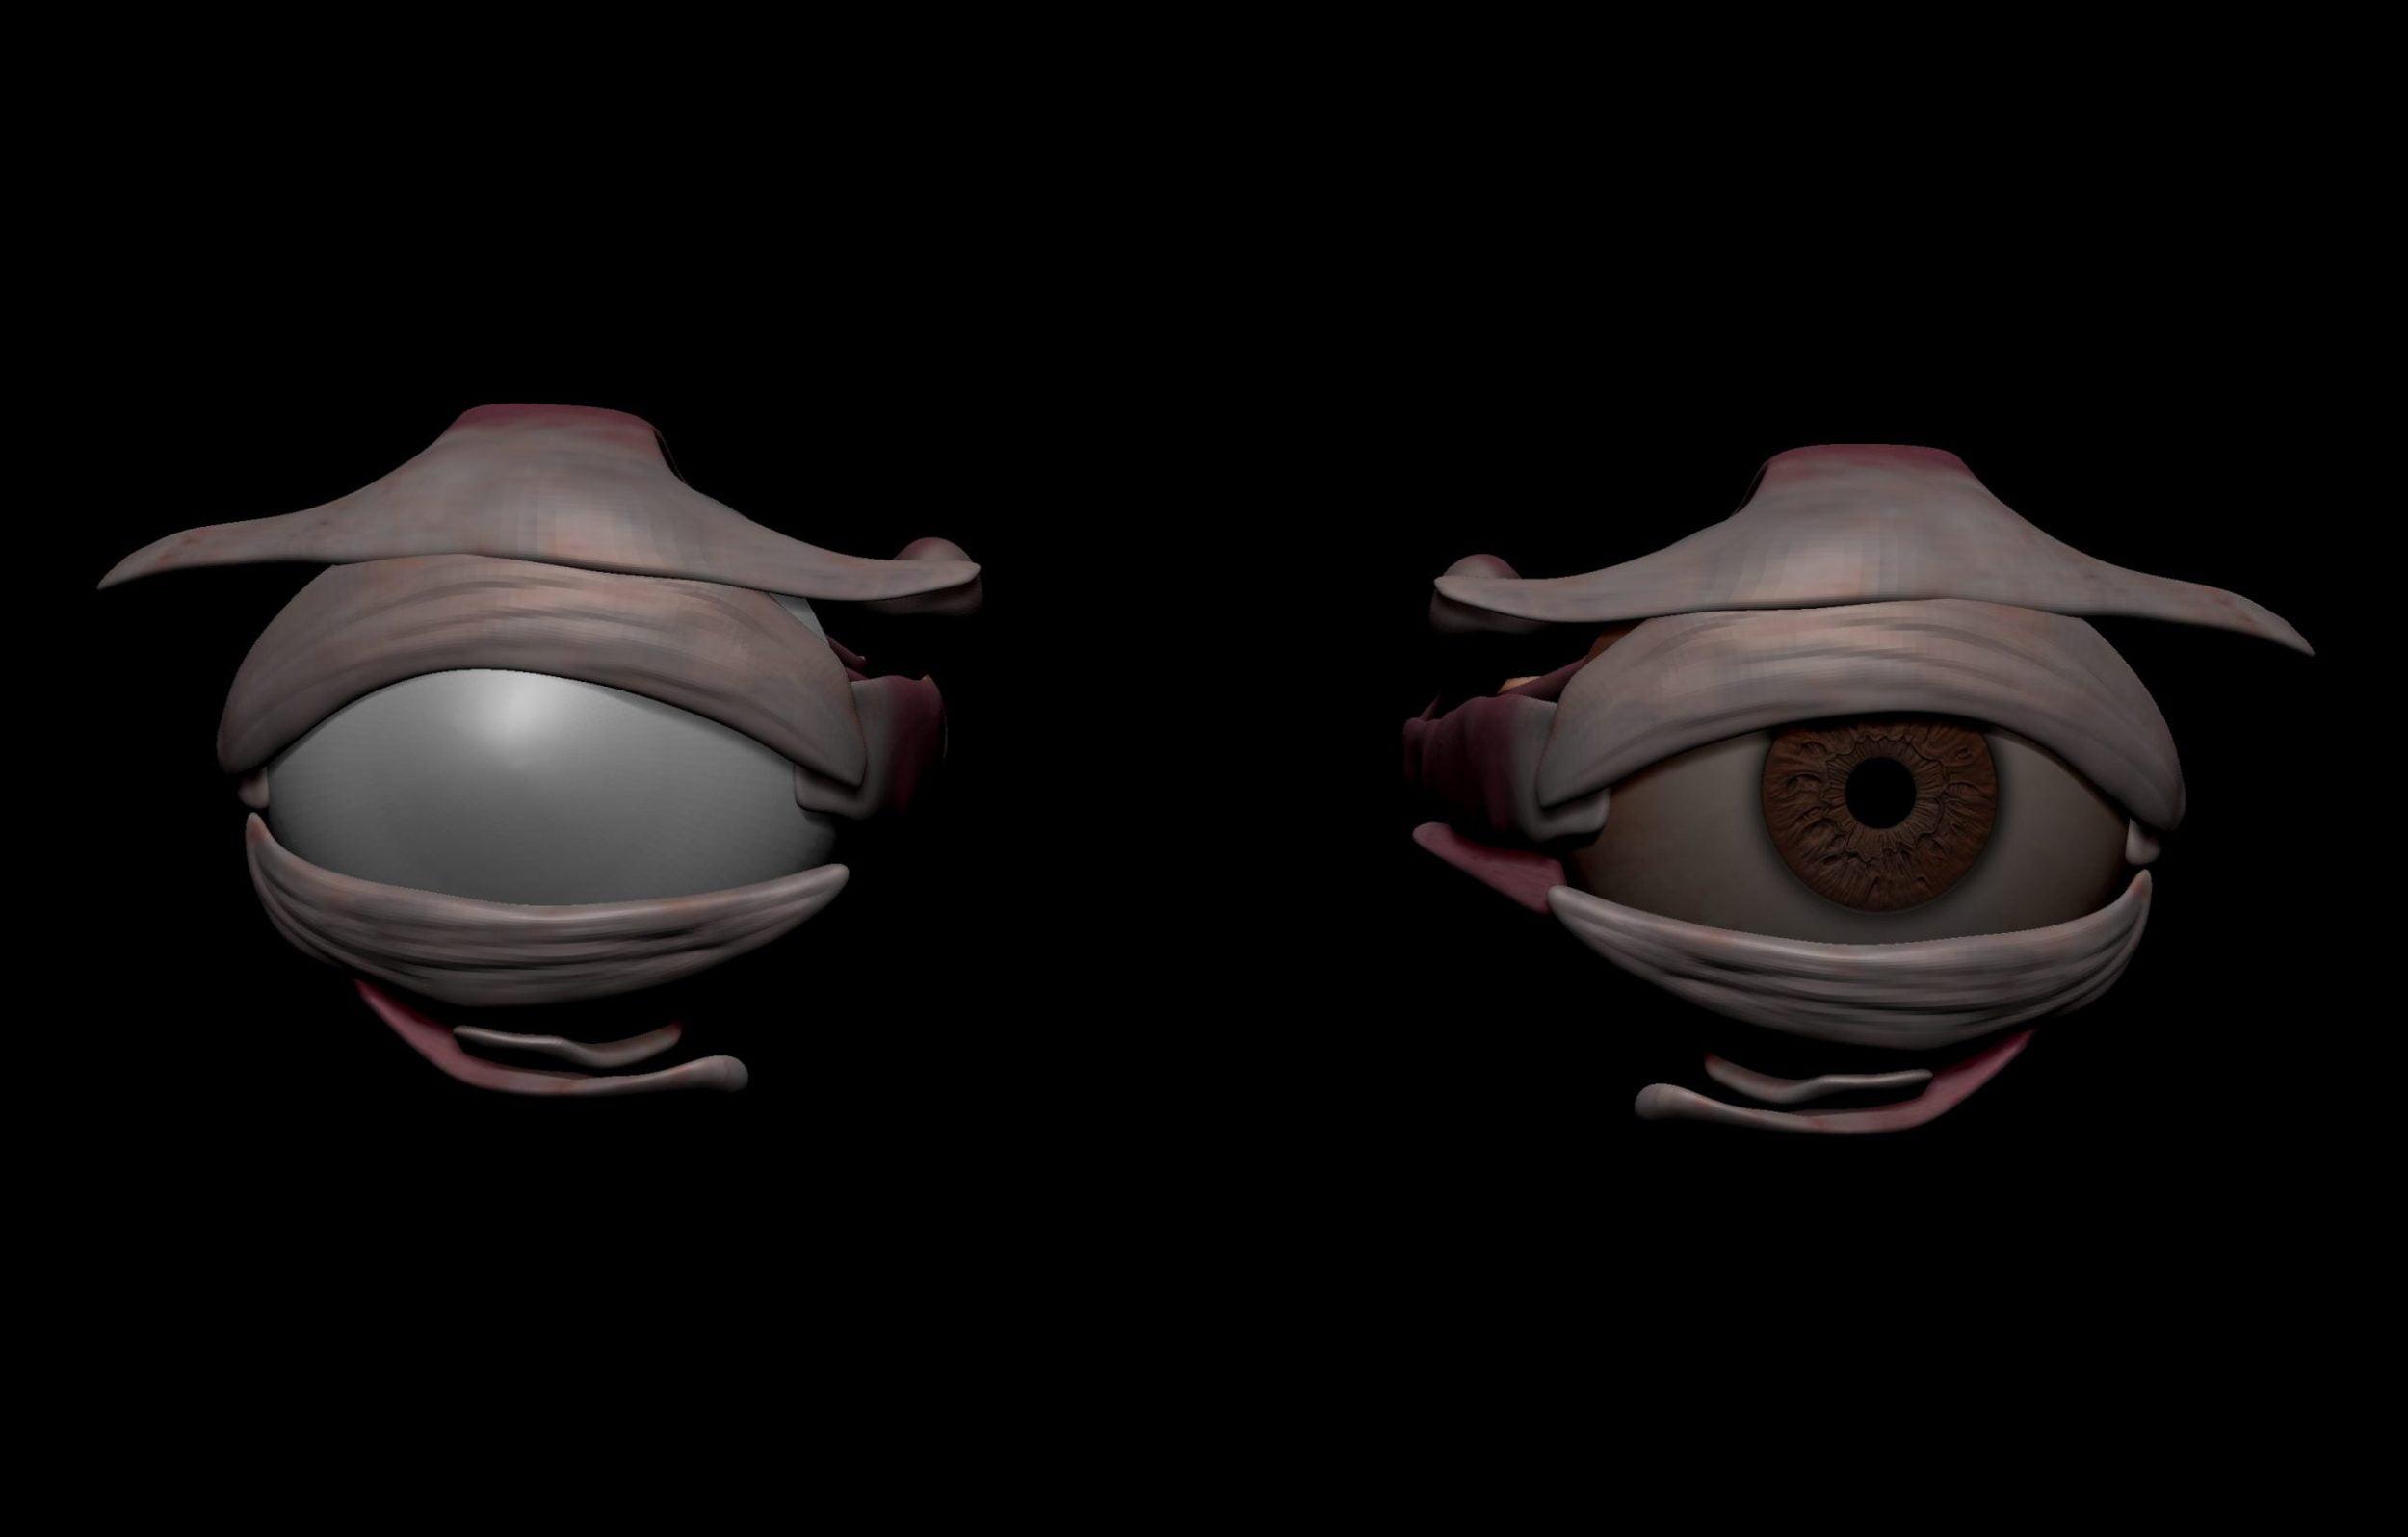 Eye anatomy